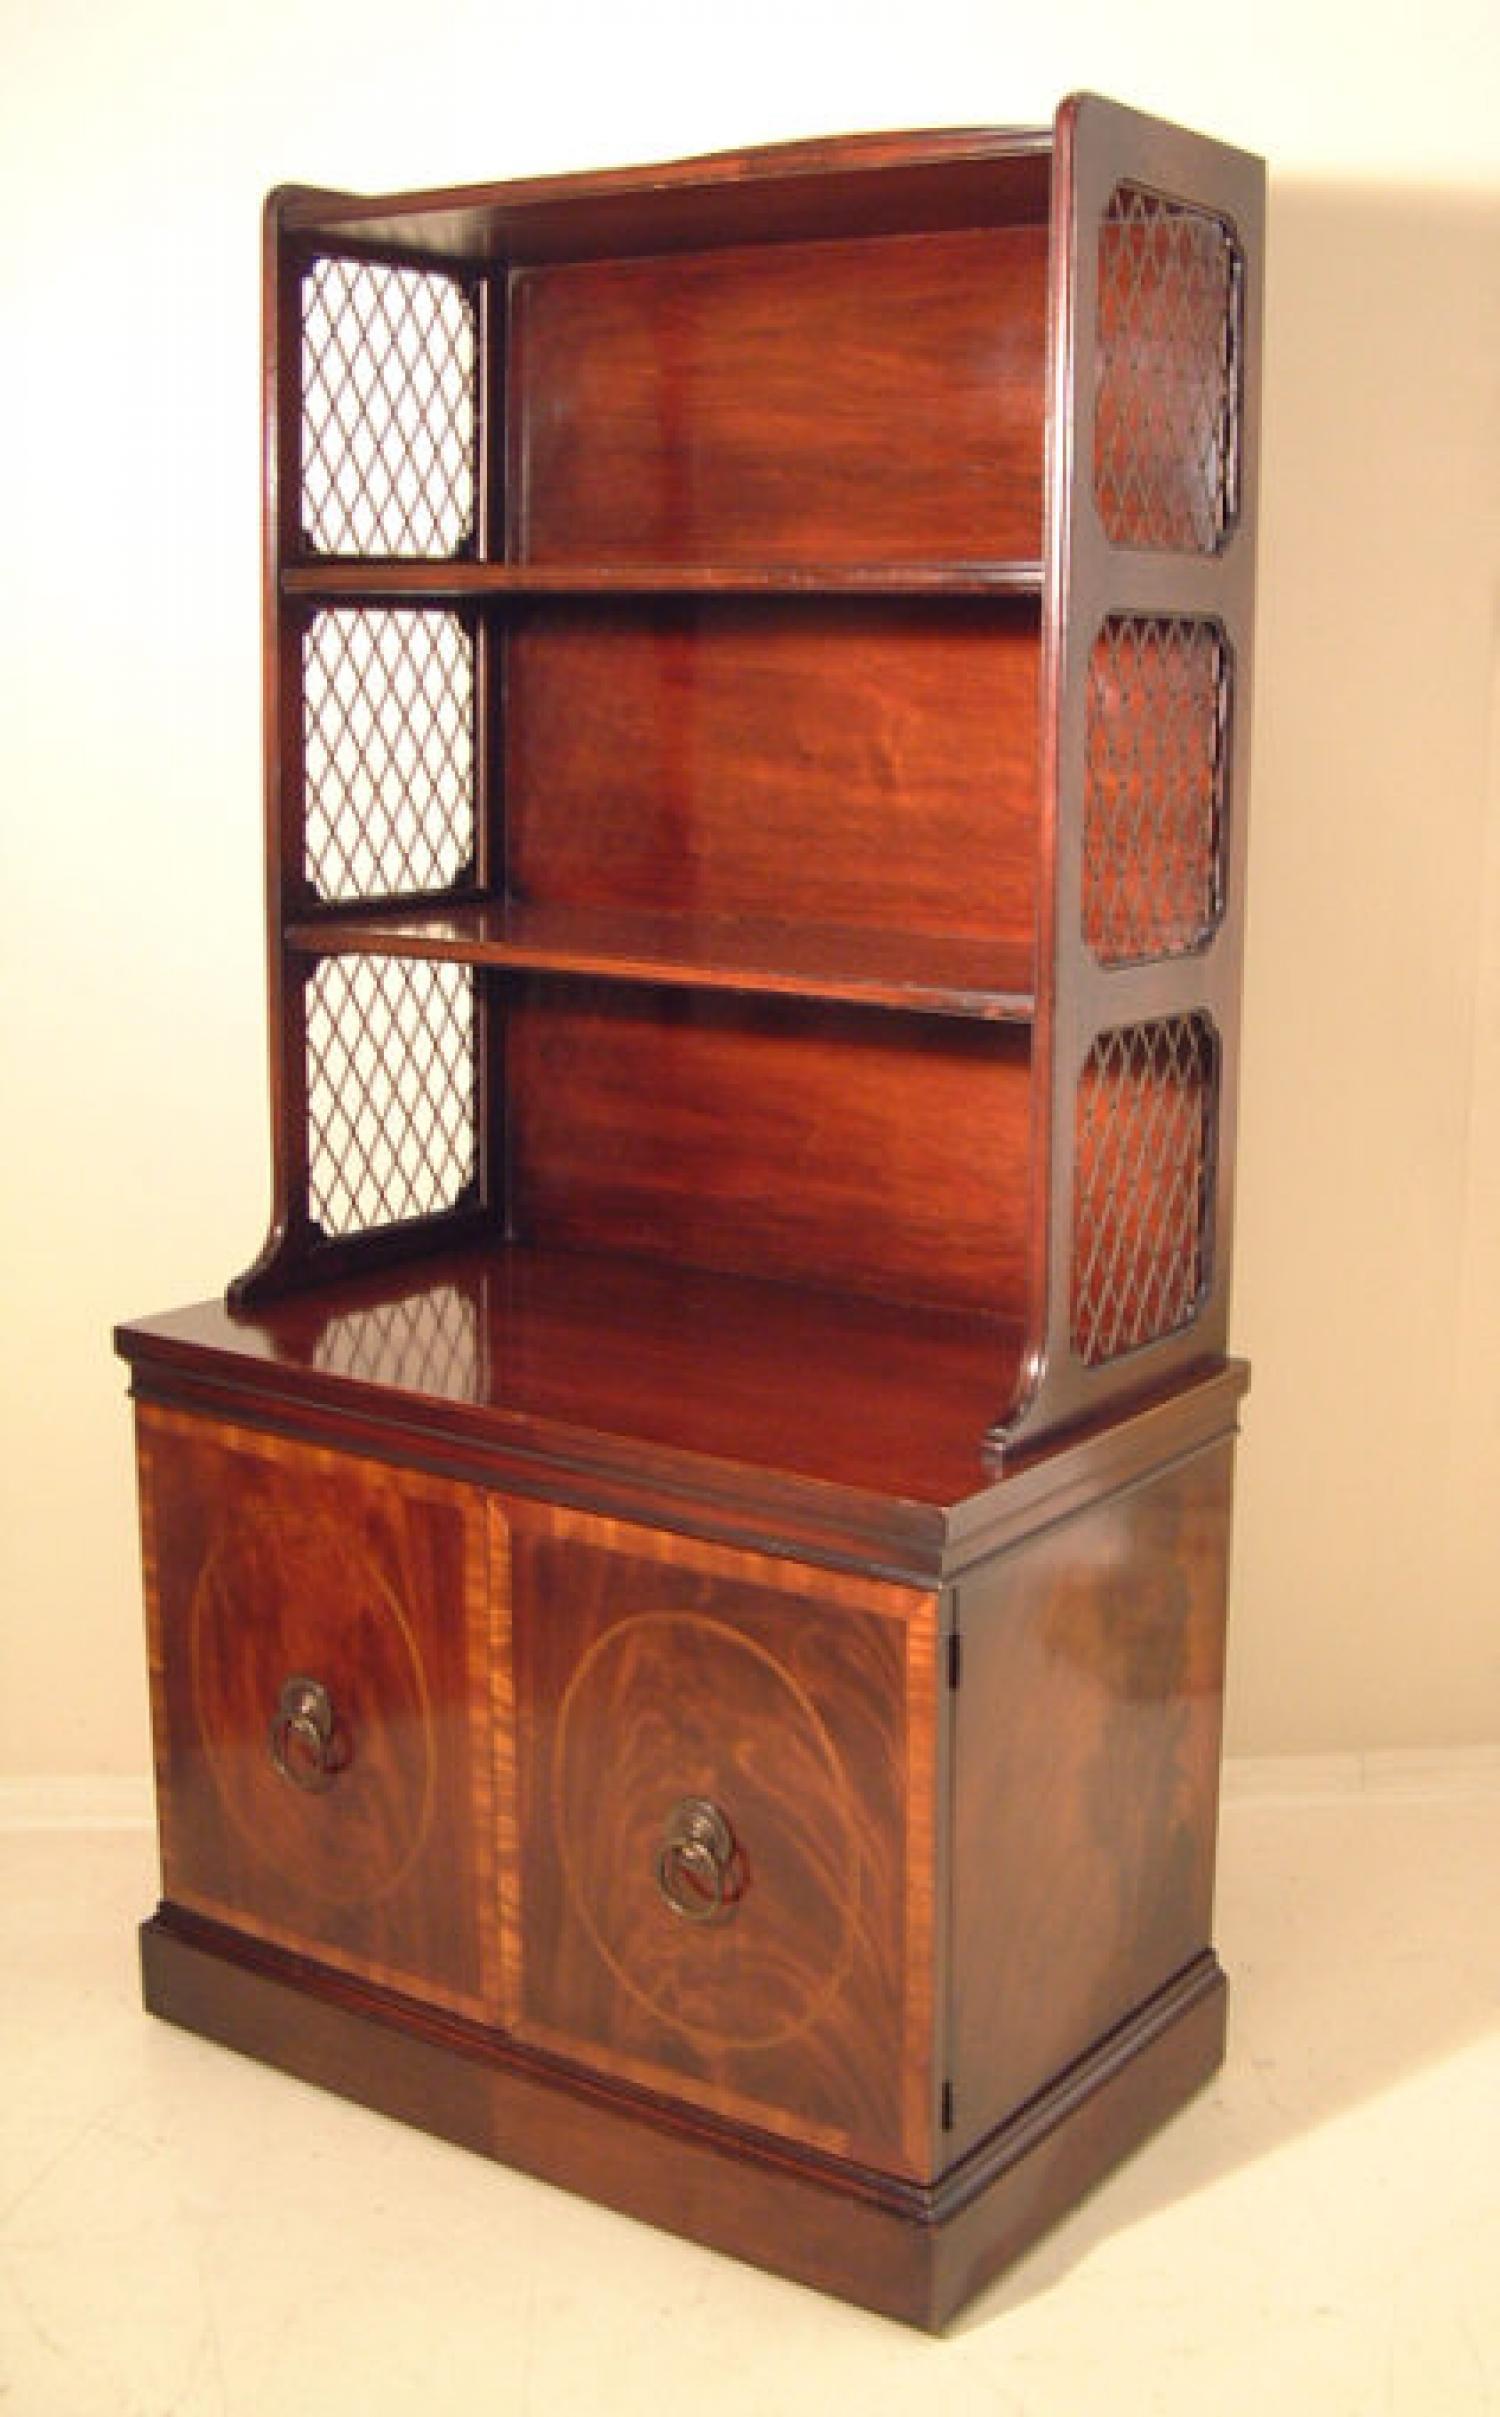 regency style cabinet etagere bookcase c1940. Black Bedroom Furniture Sets. Home Design Ideas